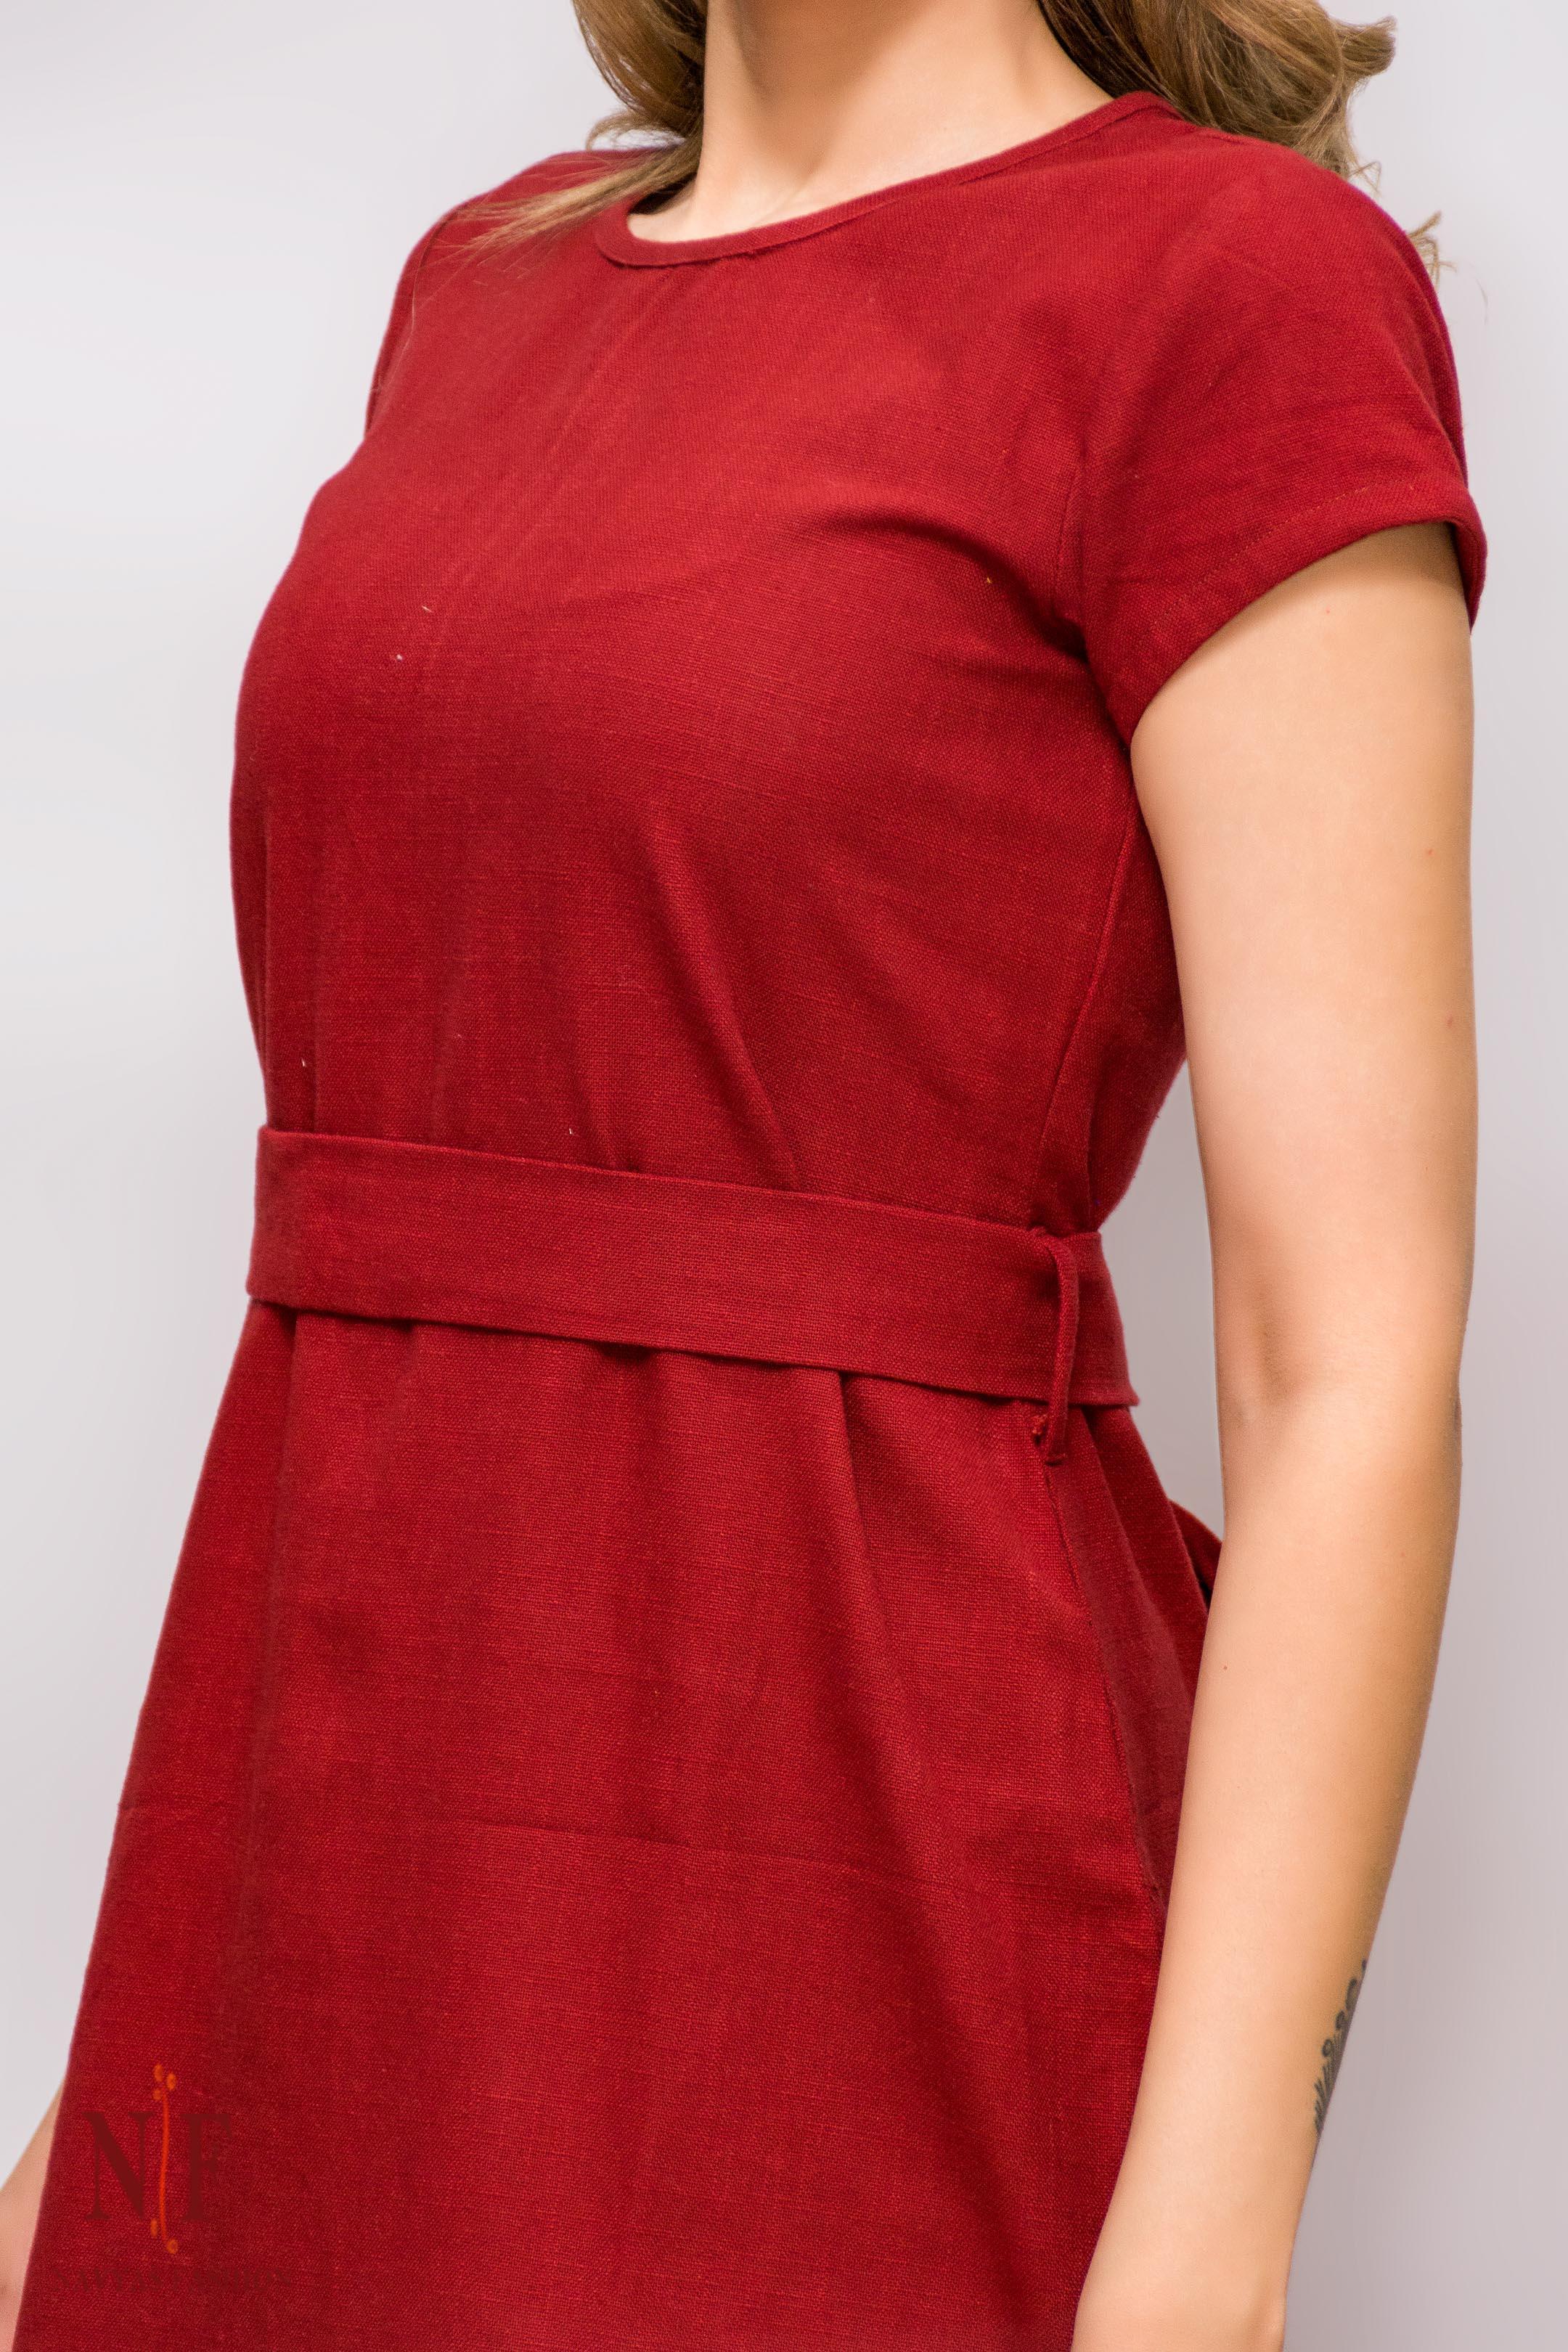 Hibiscus Red Handloom Cotton Dress